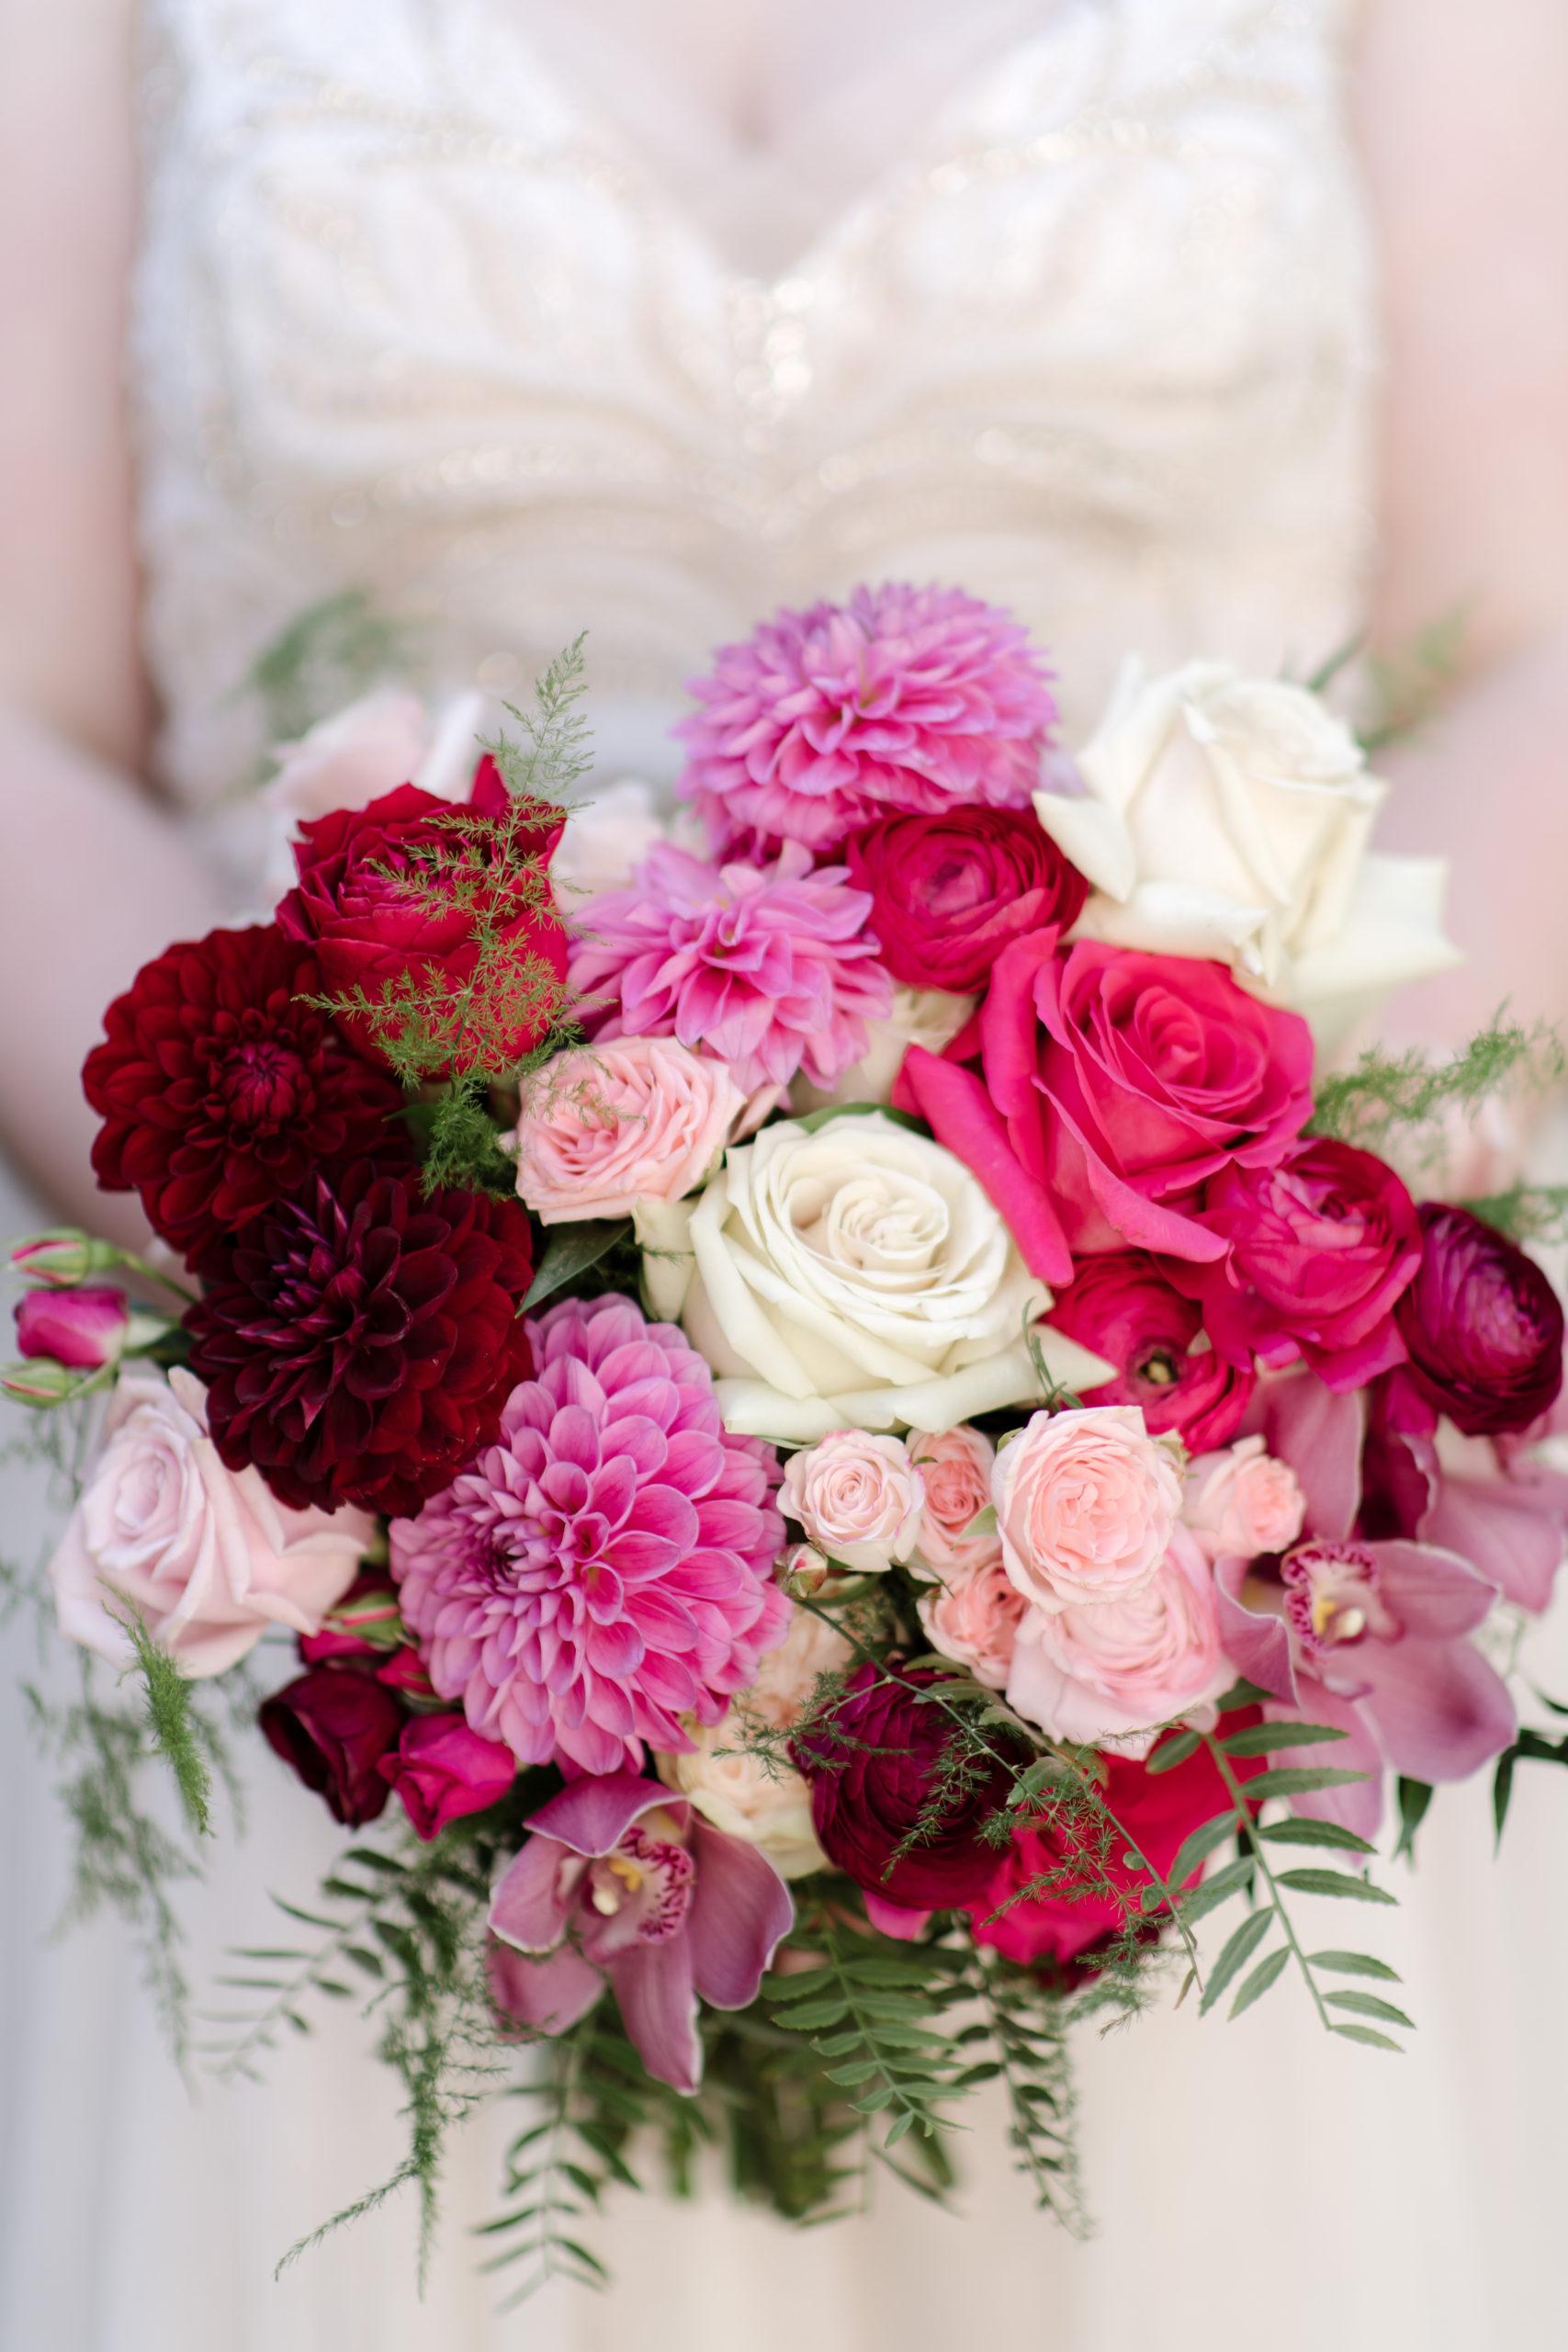 Melbourne Wedding Florist Bride Bouquet Flowers | Thrive Flowers, Collingwood